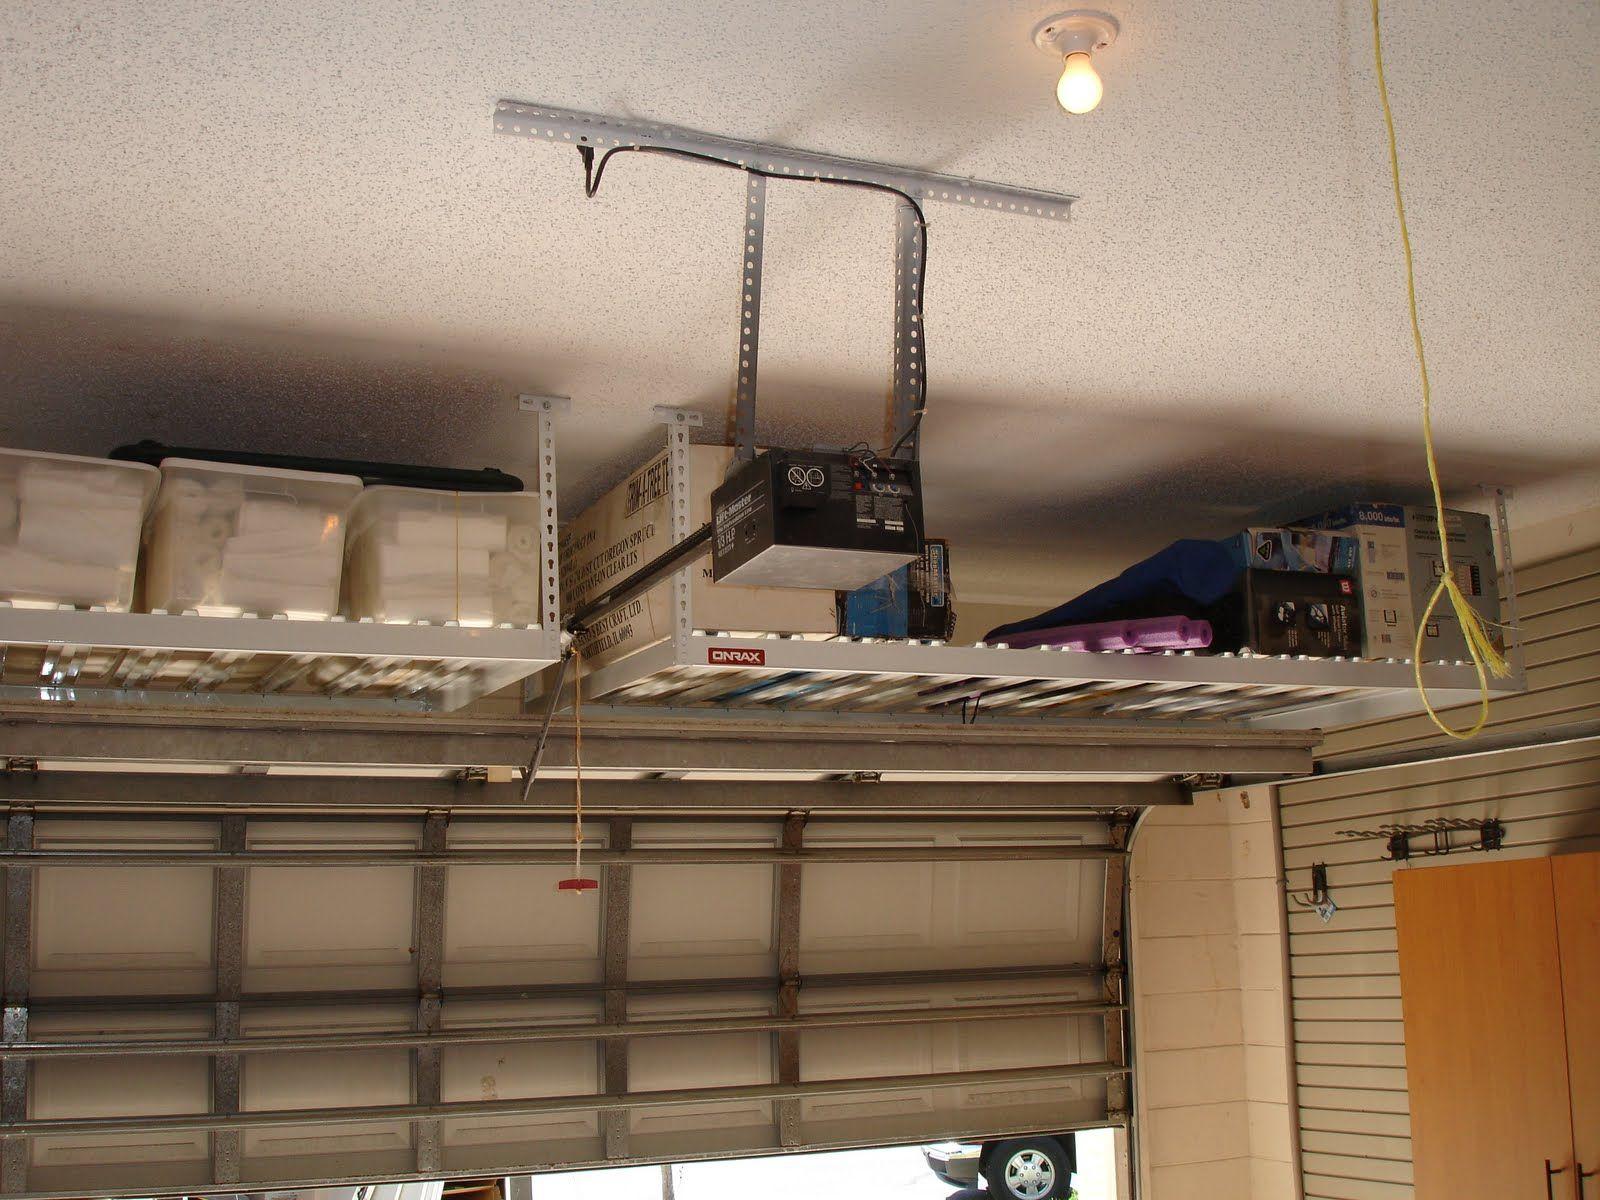 Garage Overhead Storage Build Garage Storage Bins Overhead Garage Storage Garage Ceiling Storage